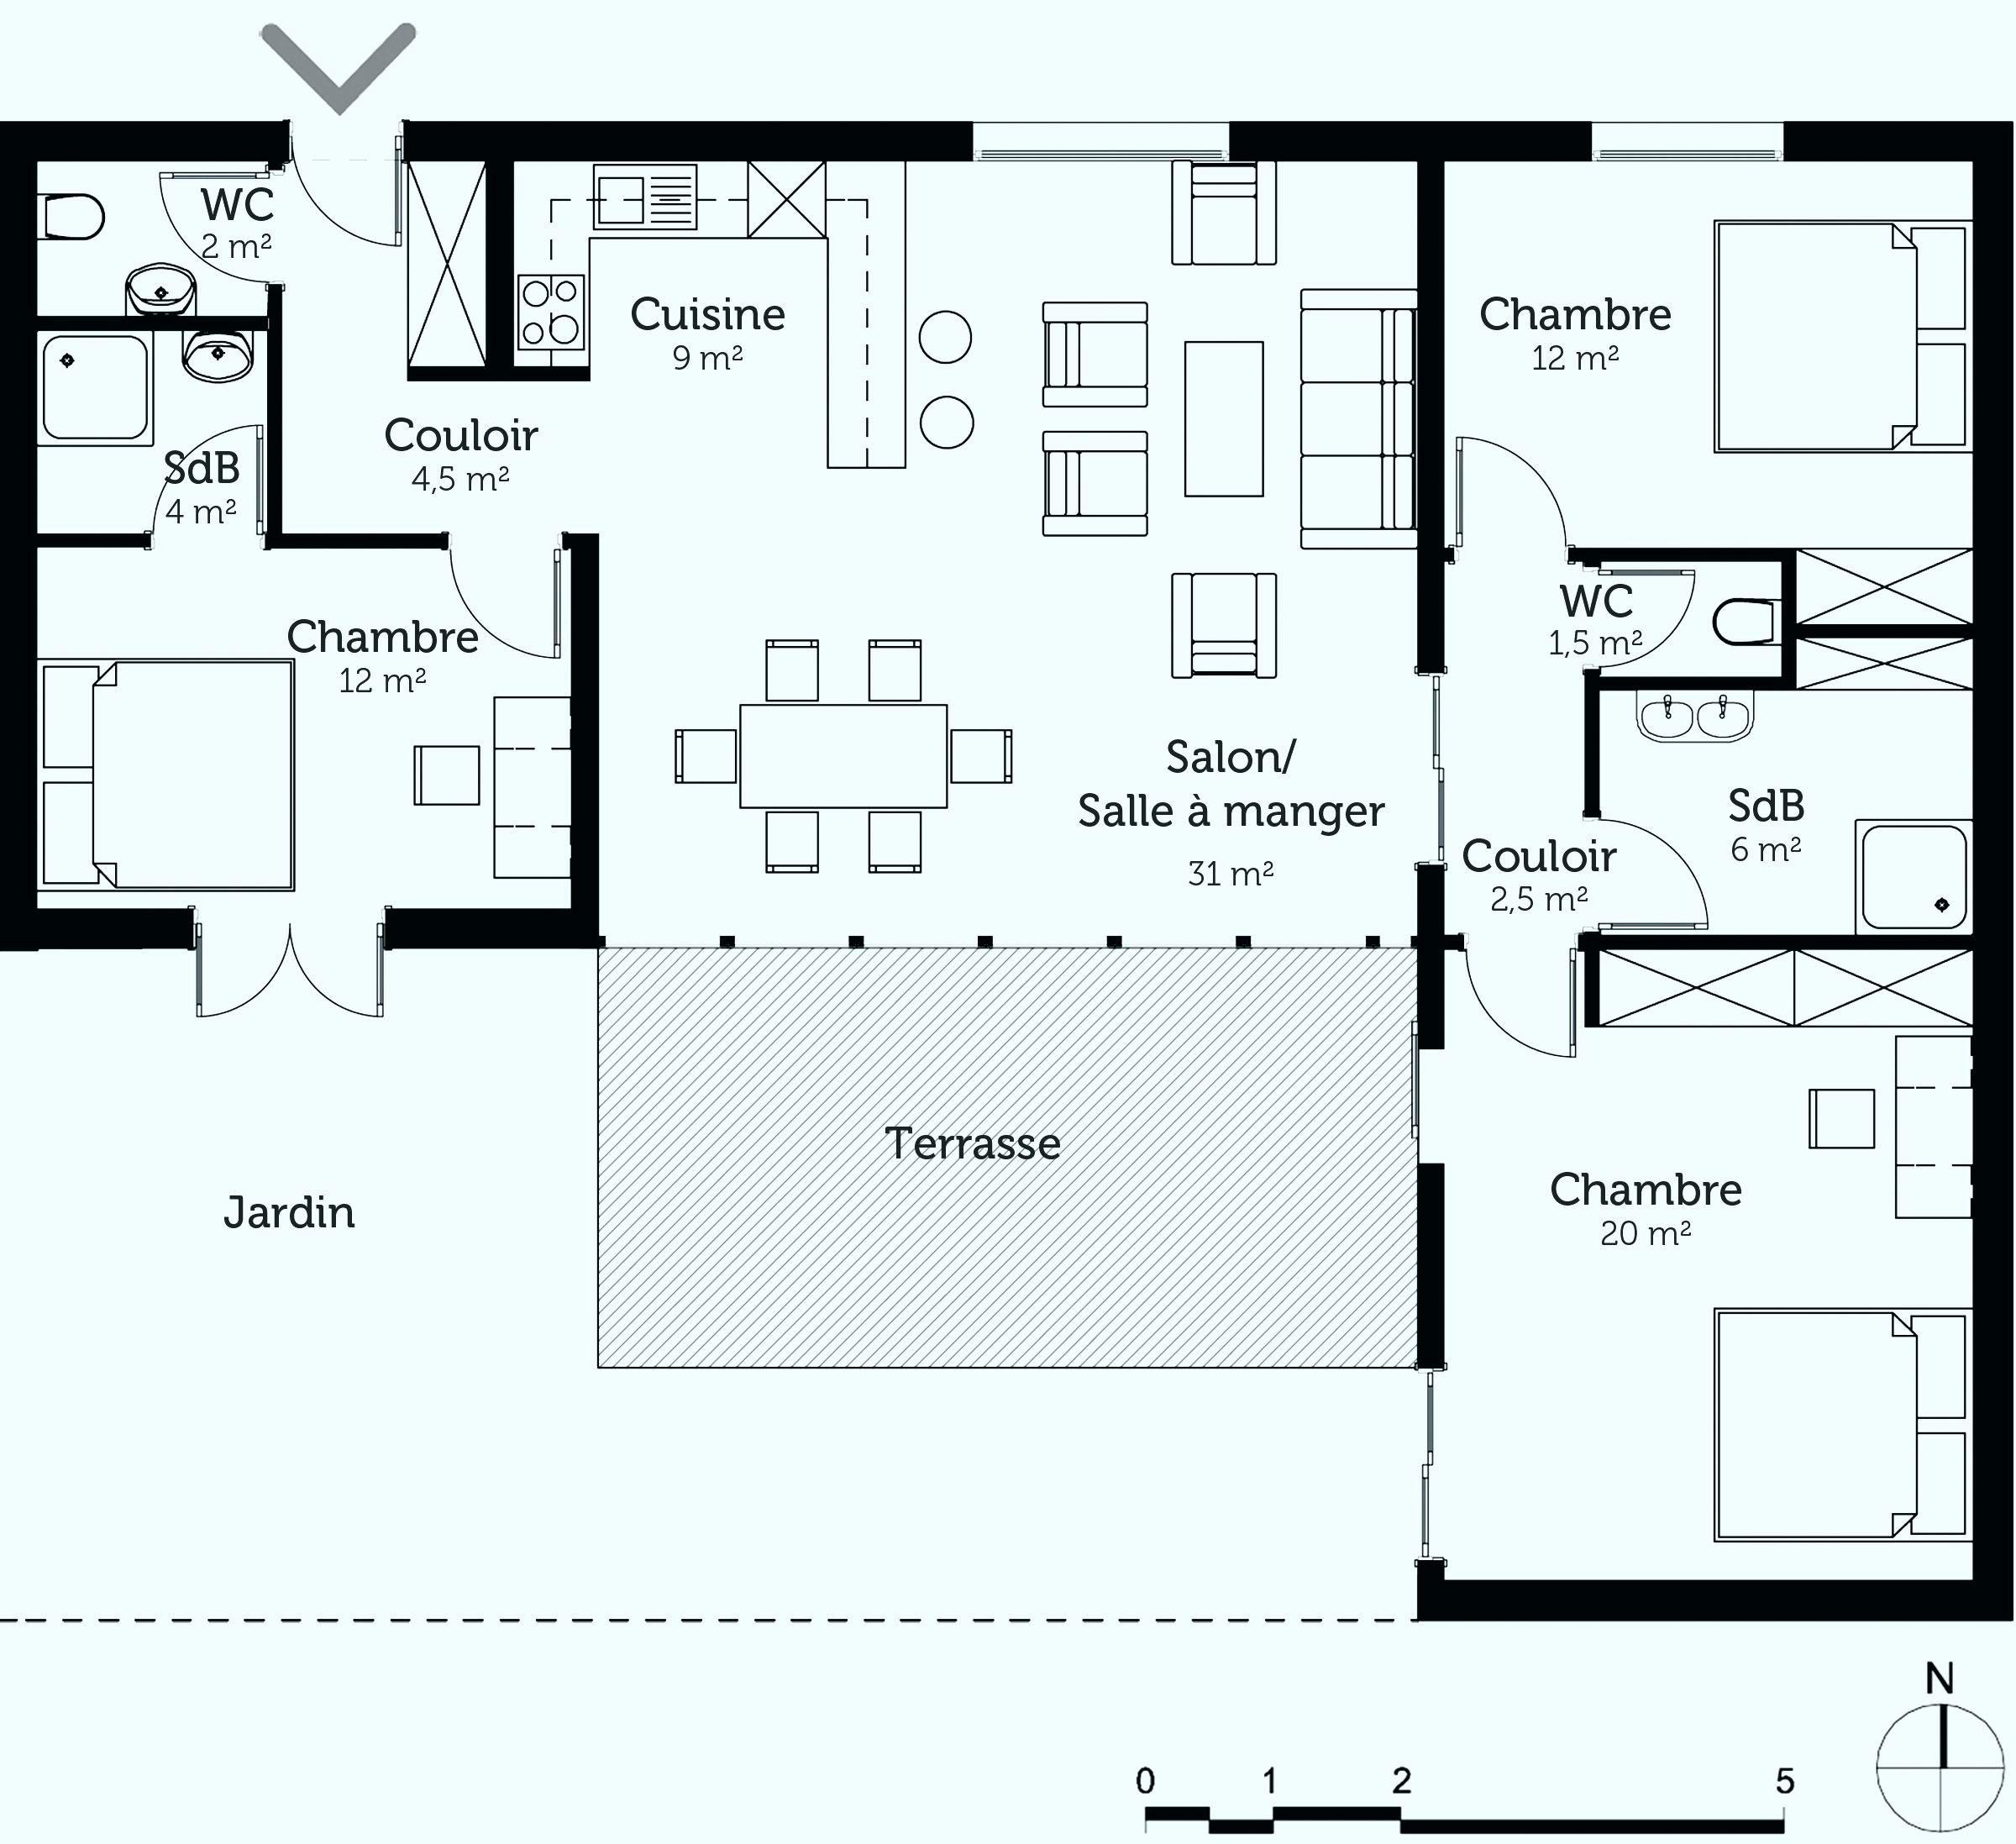 Maison En Longueur Avec Patio Meilleur De Maison En Longueur Avec Patio Unique Plan Maison Terr Plan Maison Plain Pied Maison Plain Pied Plan Maison Plein Pied